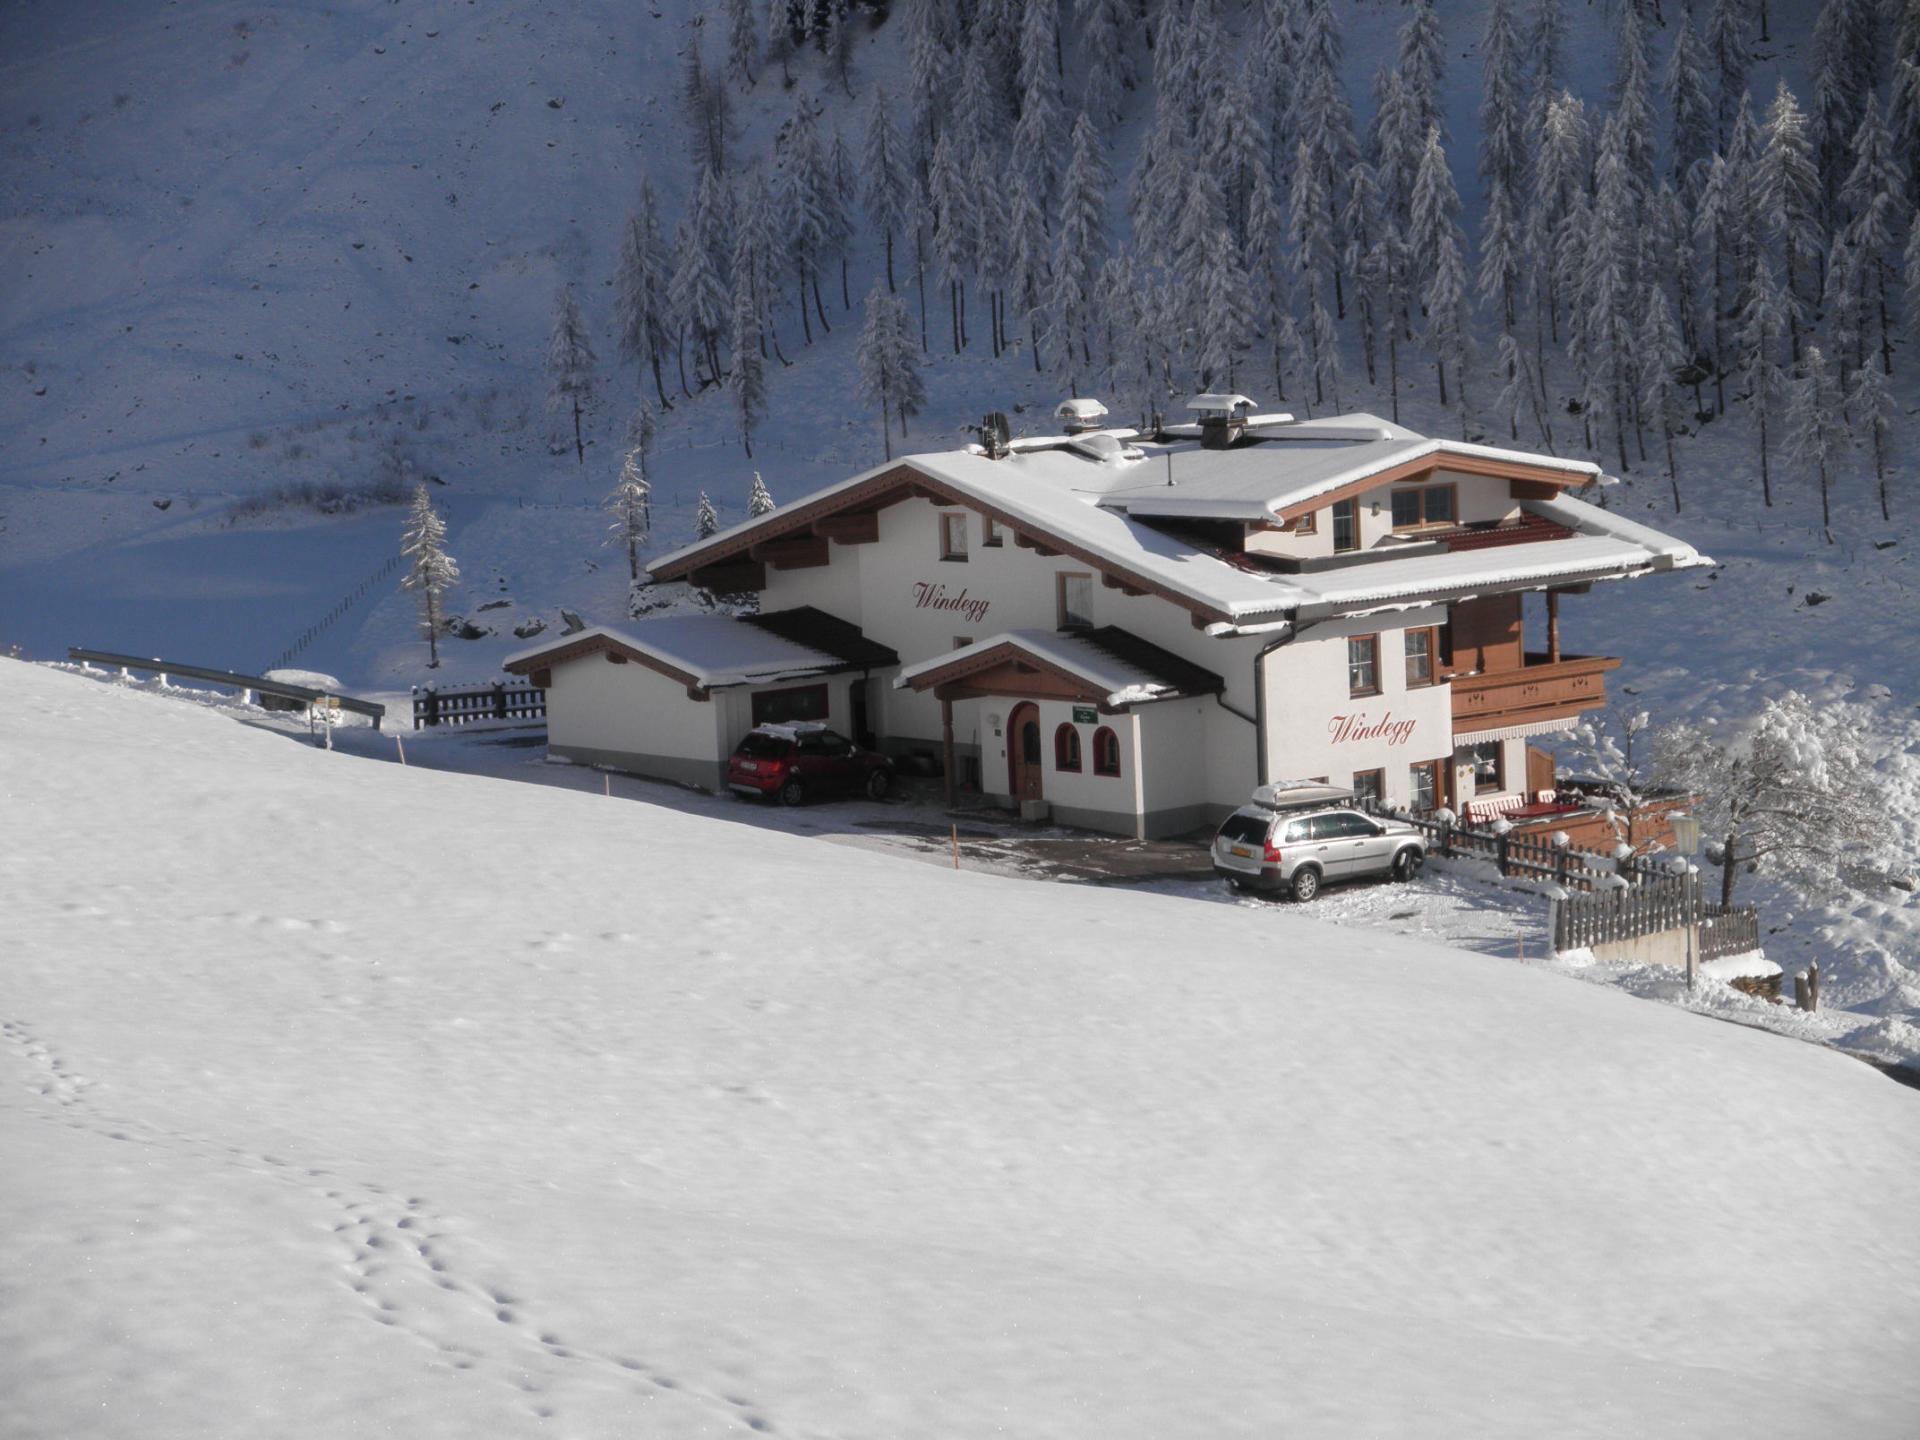 Gästehaus Windegg GesbR #Willkommen#Bildergalerie